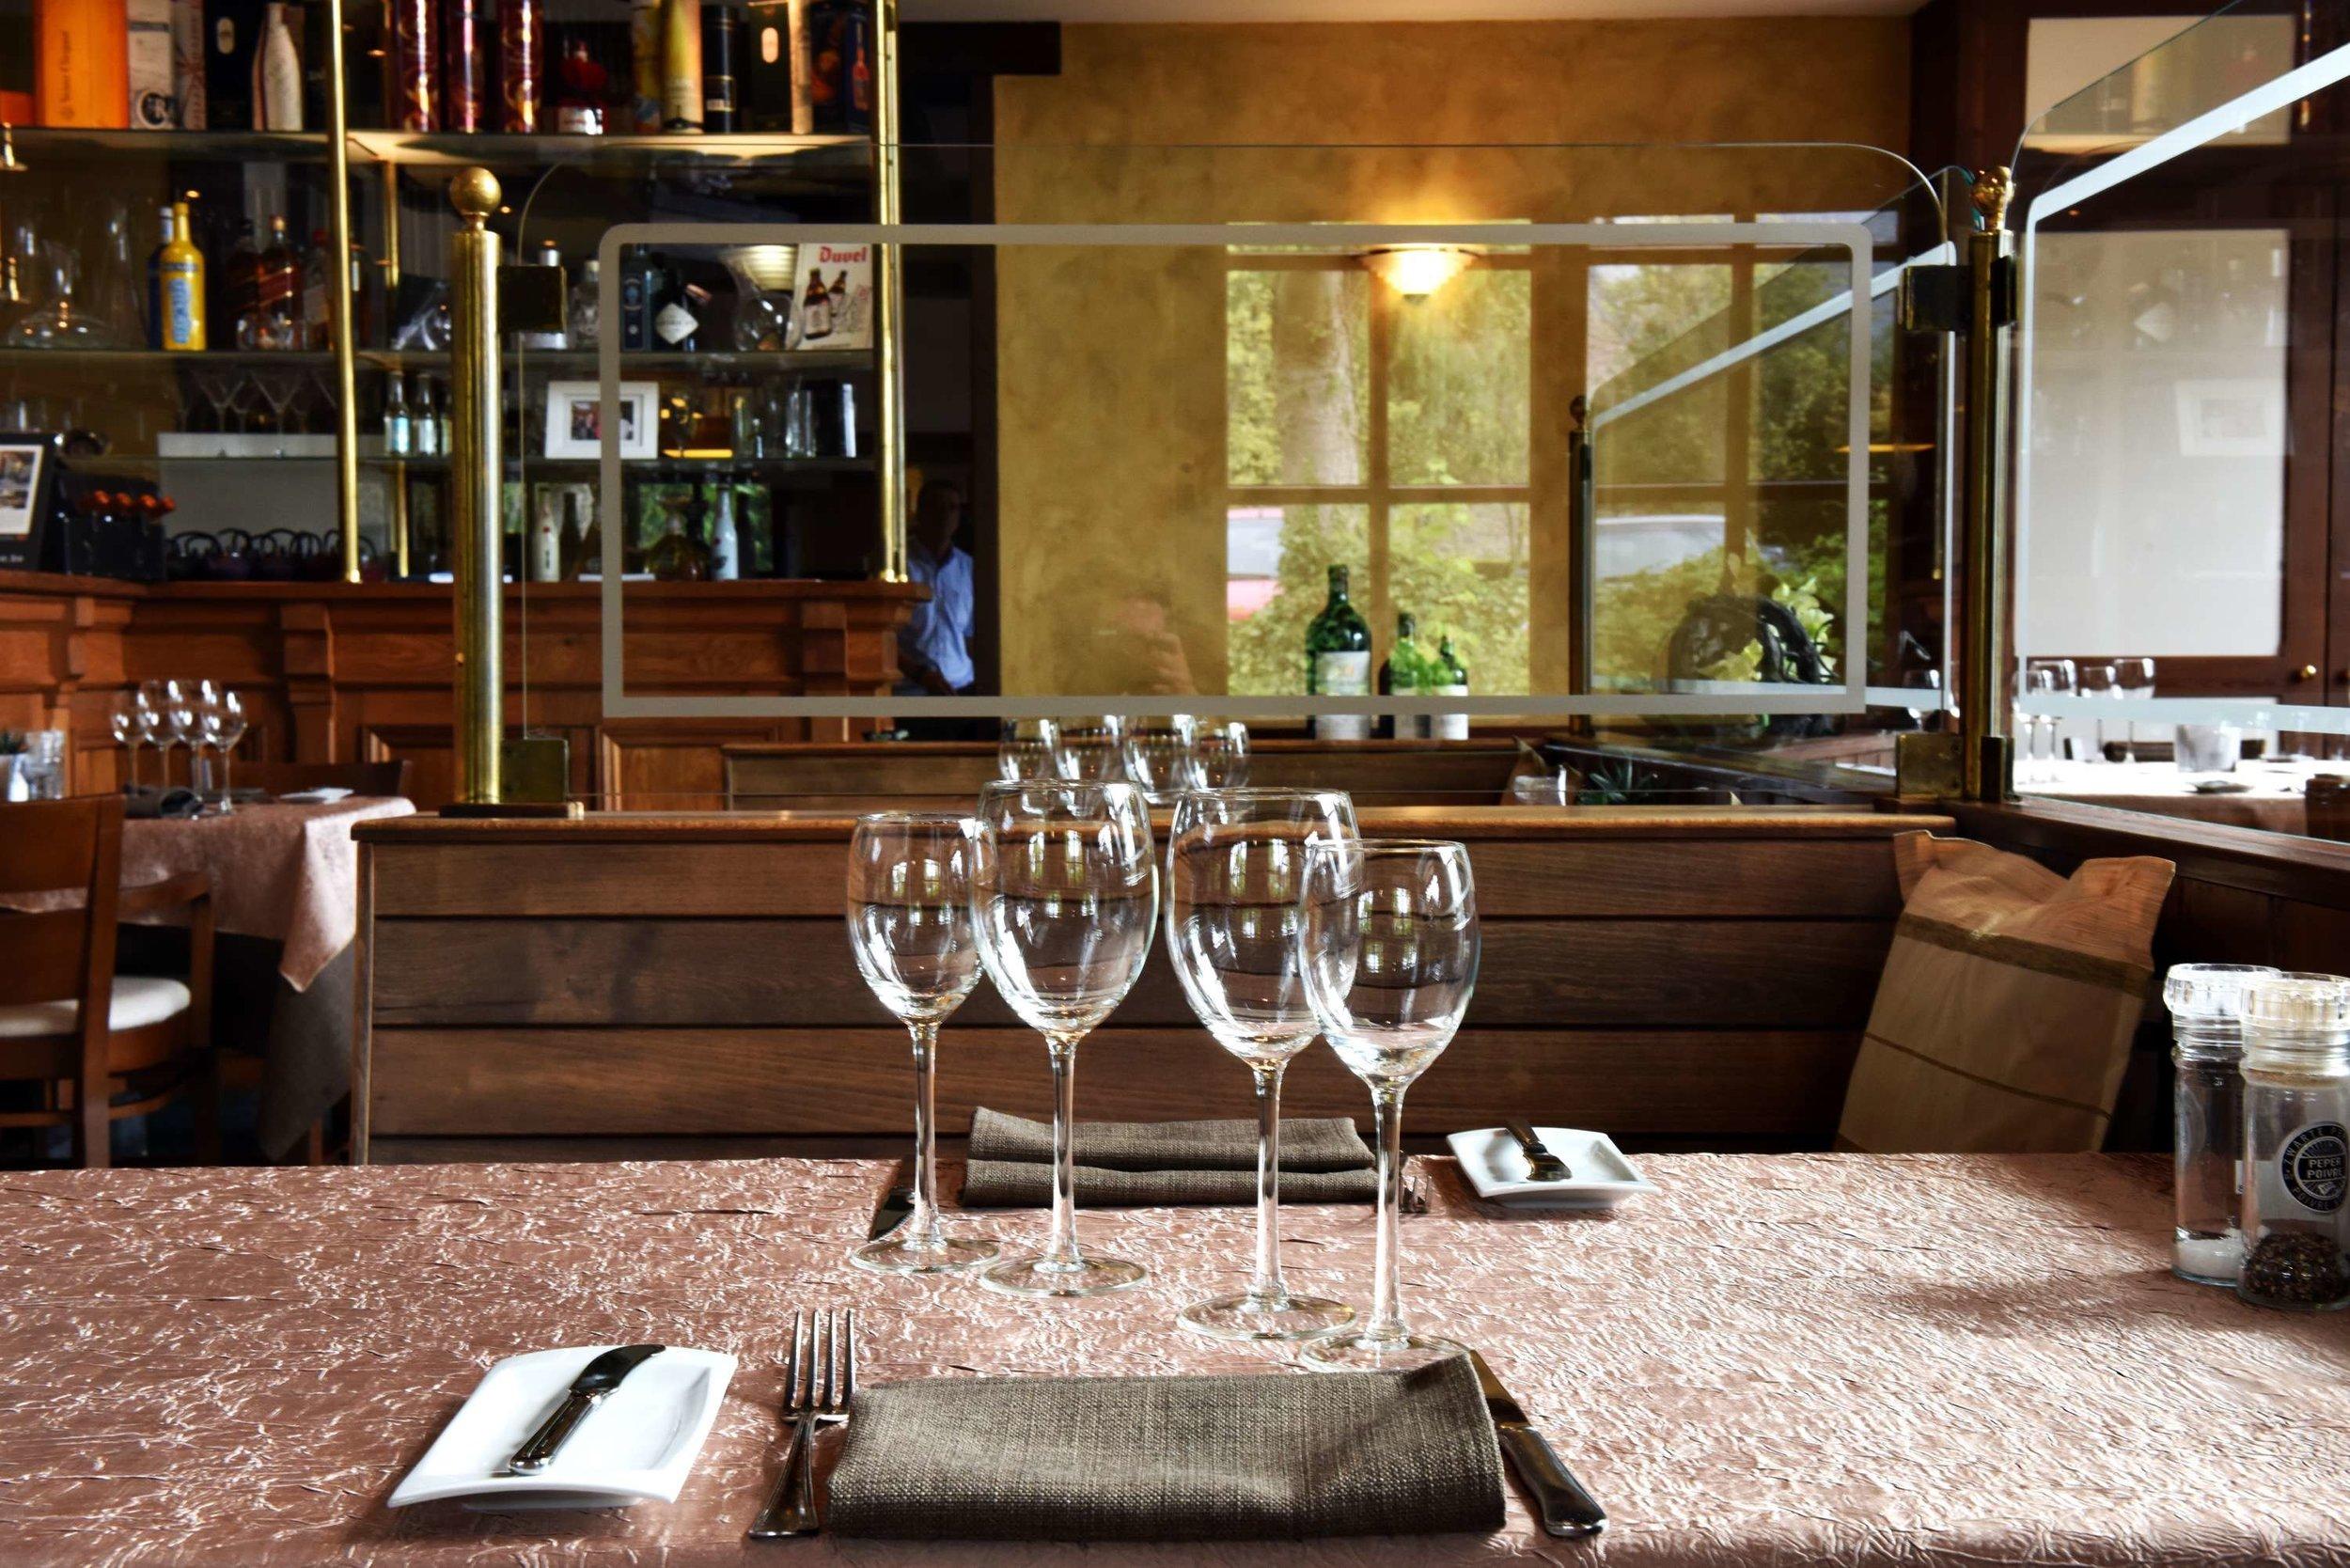 terras feestzaal au beau jardin rekkem restaurant feestzaal brasserie rekkem menen tablefever bart albrecht 16.jpg